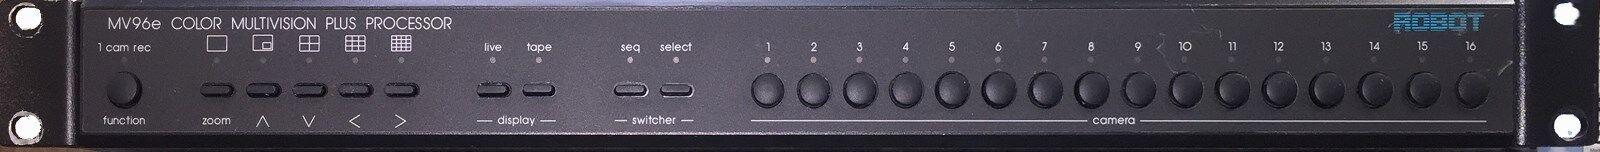 Robot MV96E Multivision Pro 16-Camera TRU Color Duplex MultipLexer Warranty